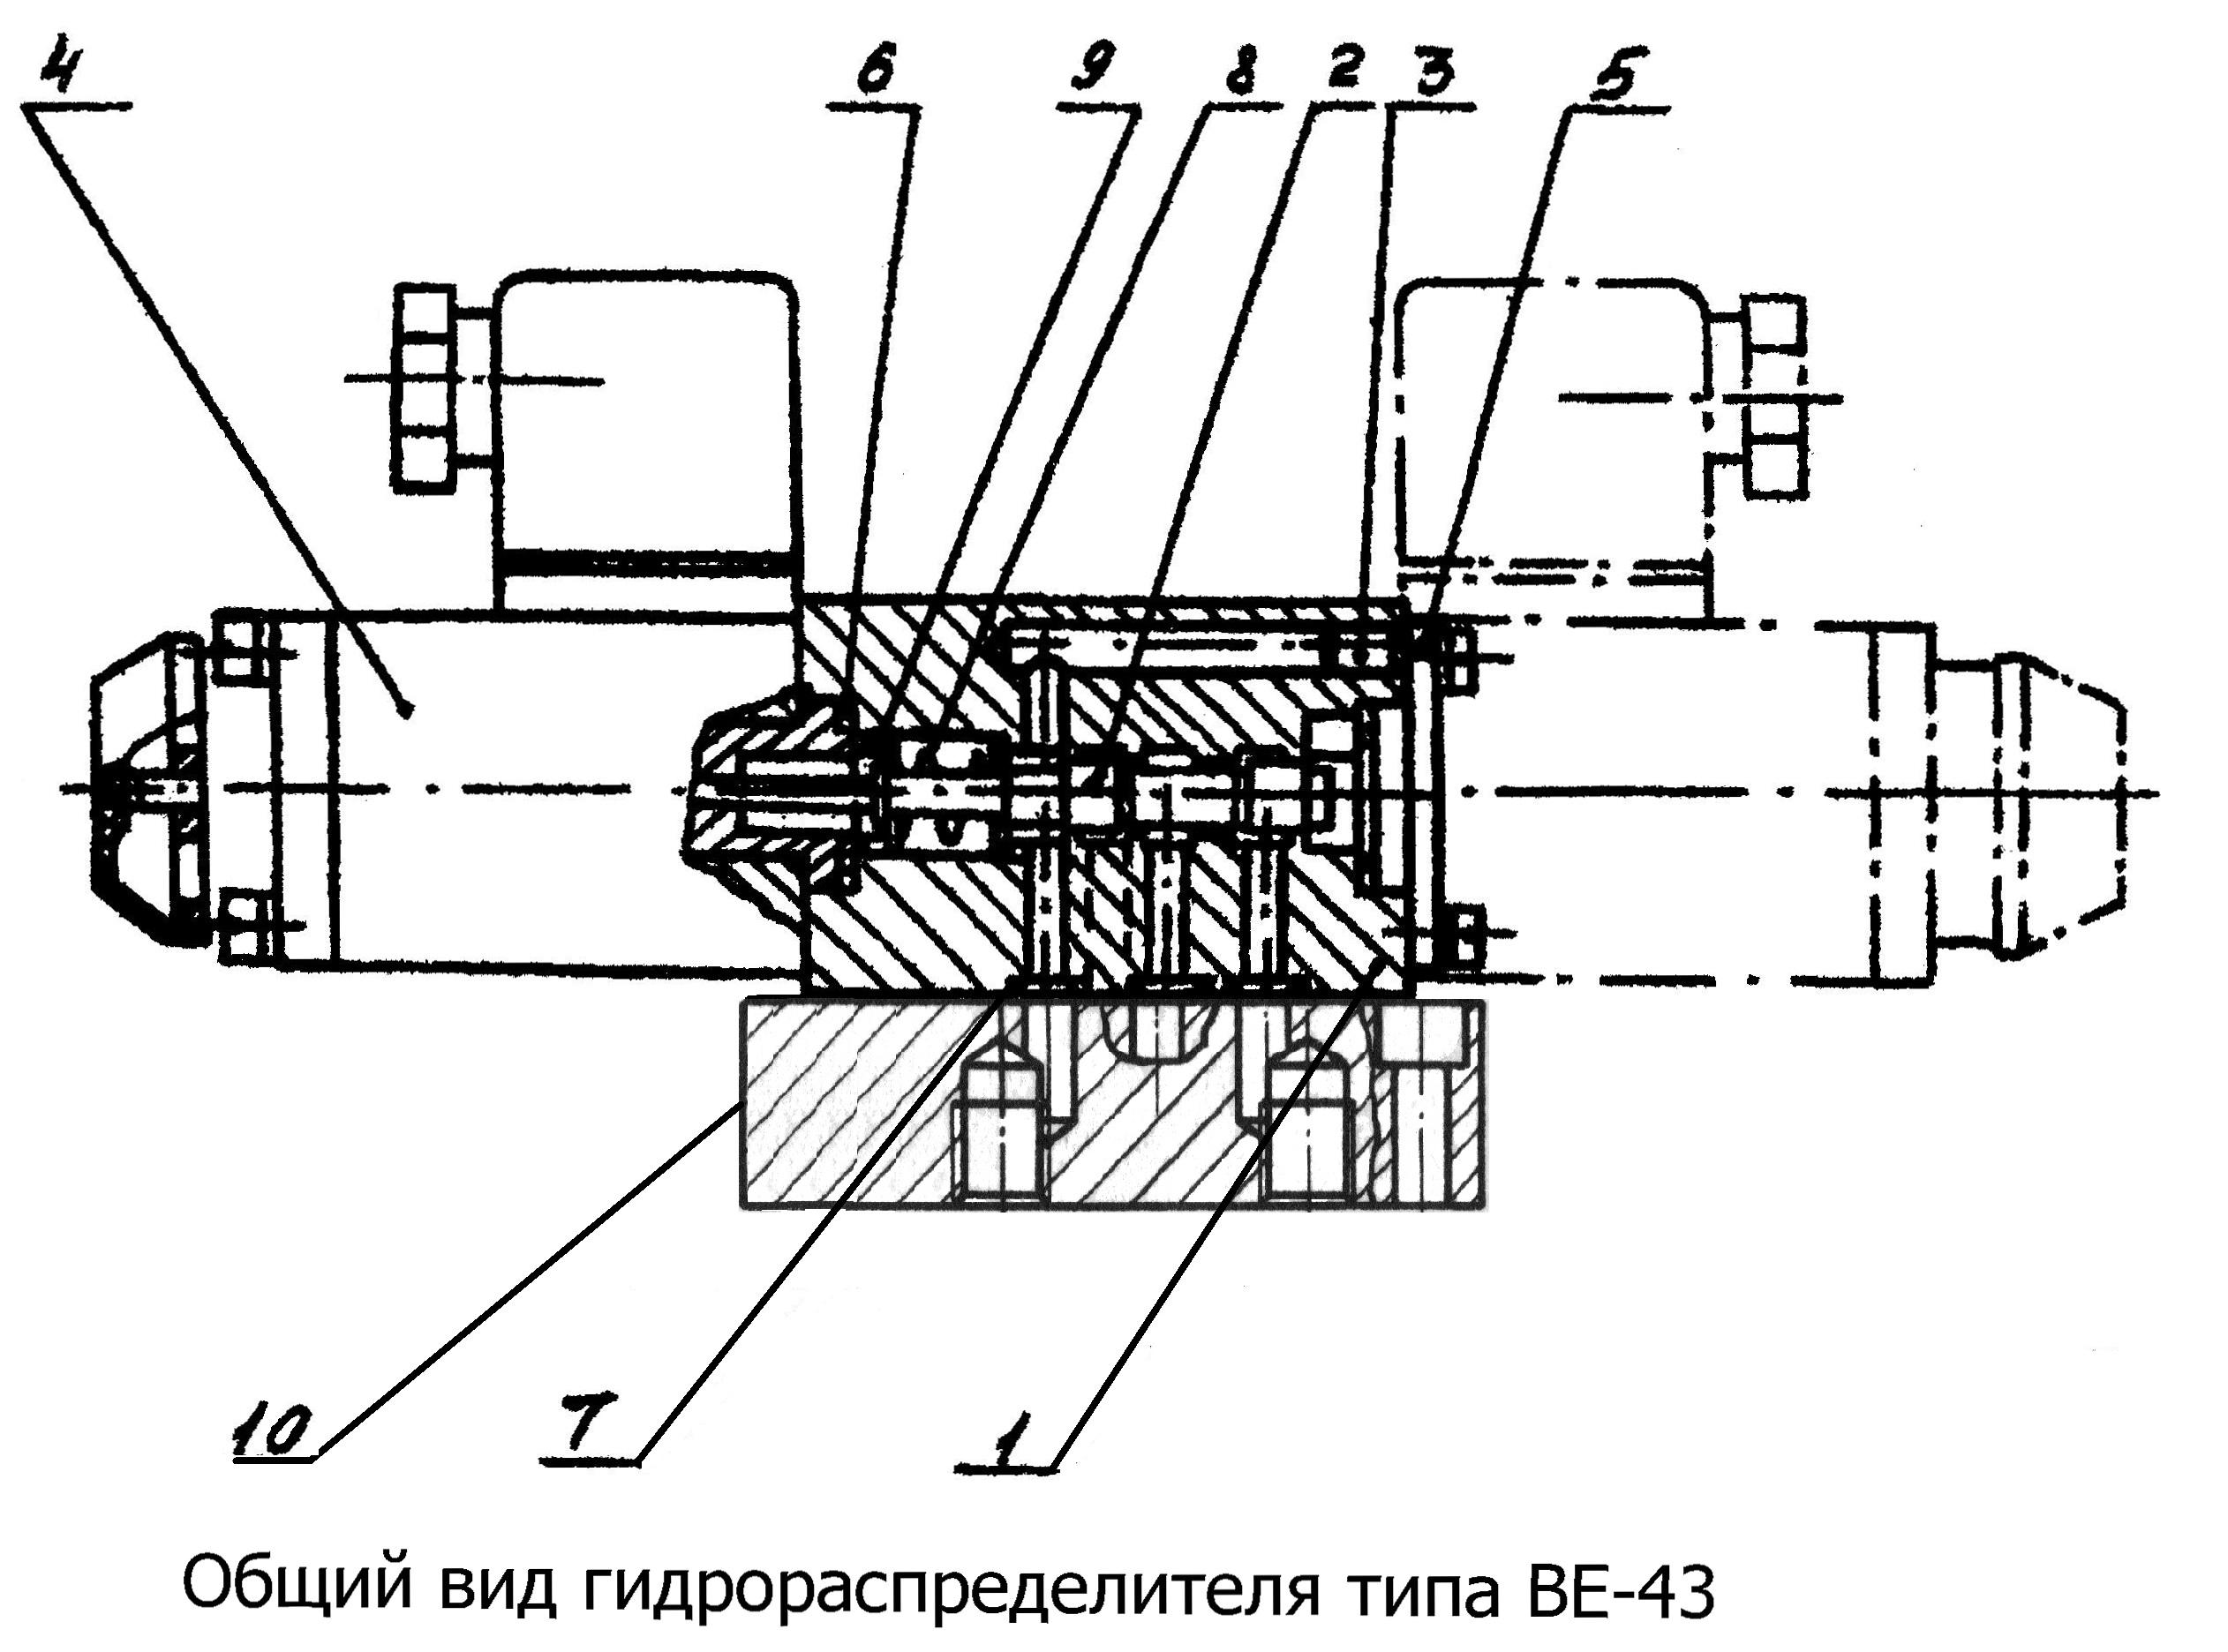 Гидравлика мтз-82 беларус: распределитель гидравлический, устройство гидробака, гидропривод, система, сломалась что делать, схема, нового образца, сколько масла, какой насос стоит